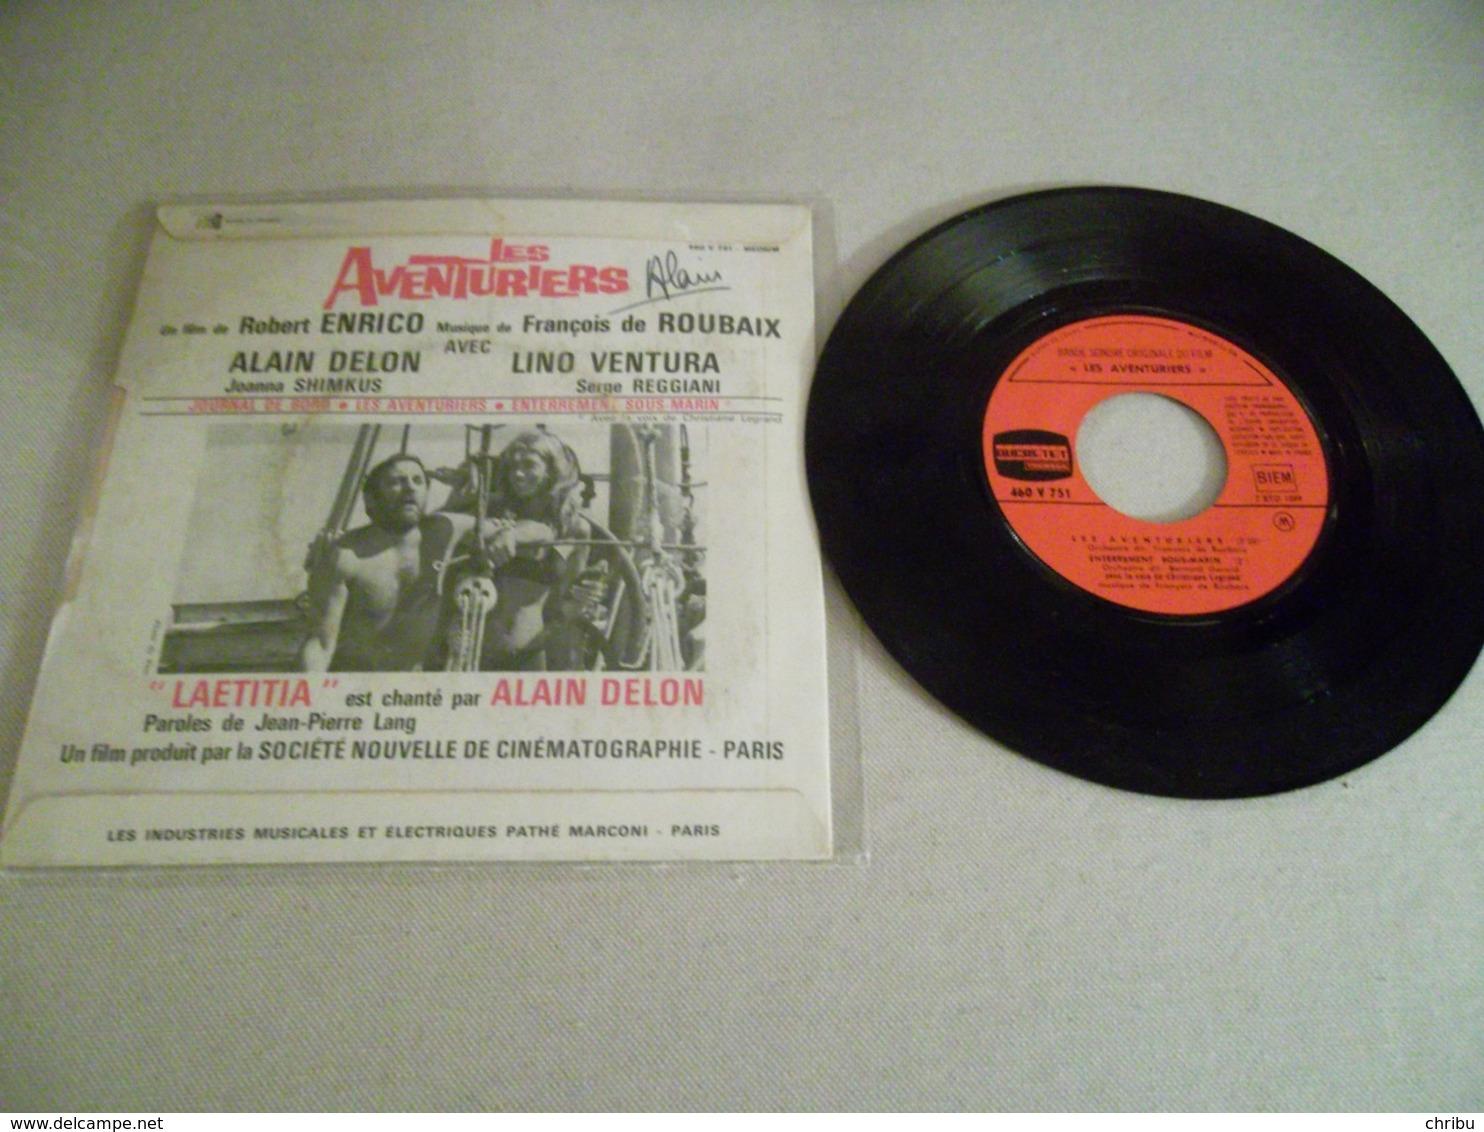 45 T Bande Originale Les Aventuriers Alain DELON Chante Laetitia Ducretet Thomson 460v 751 Medium - Filmmusik